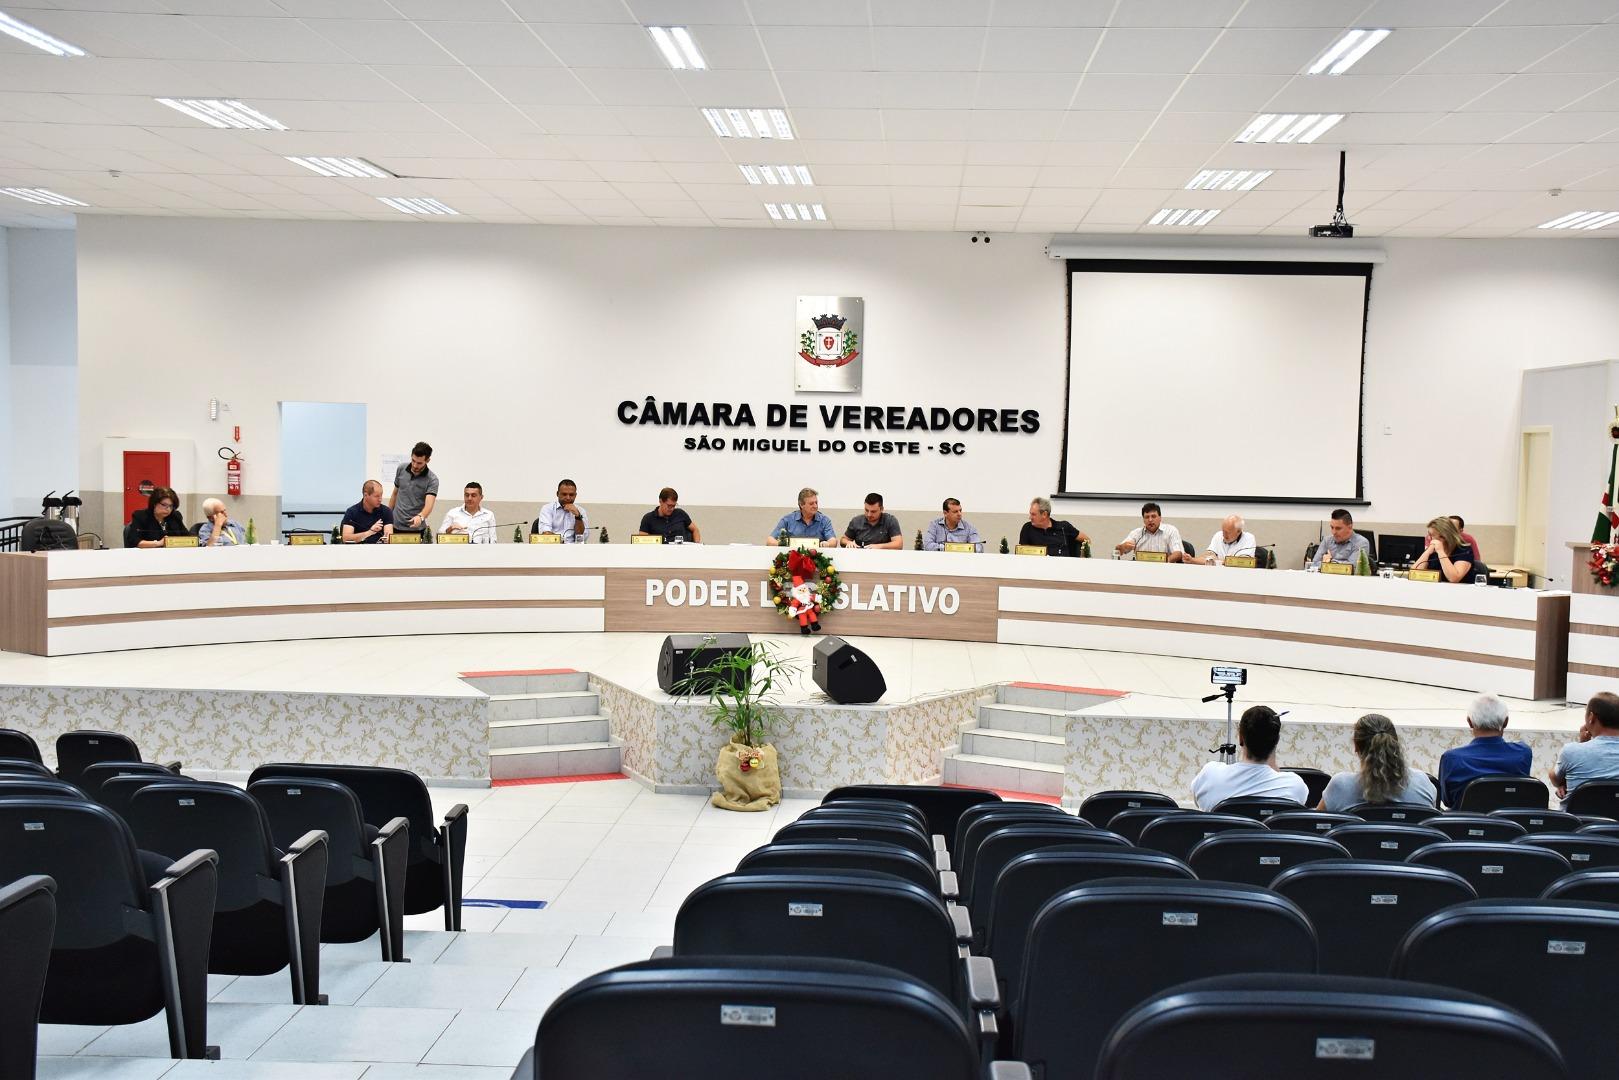 Vereadores apelam pela manutenção do polo da Universidade Aberta do Brasil